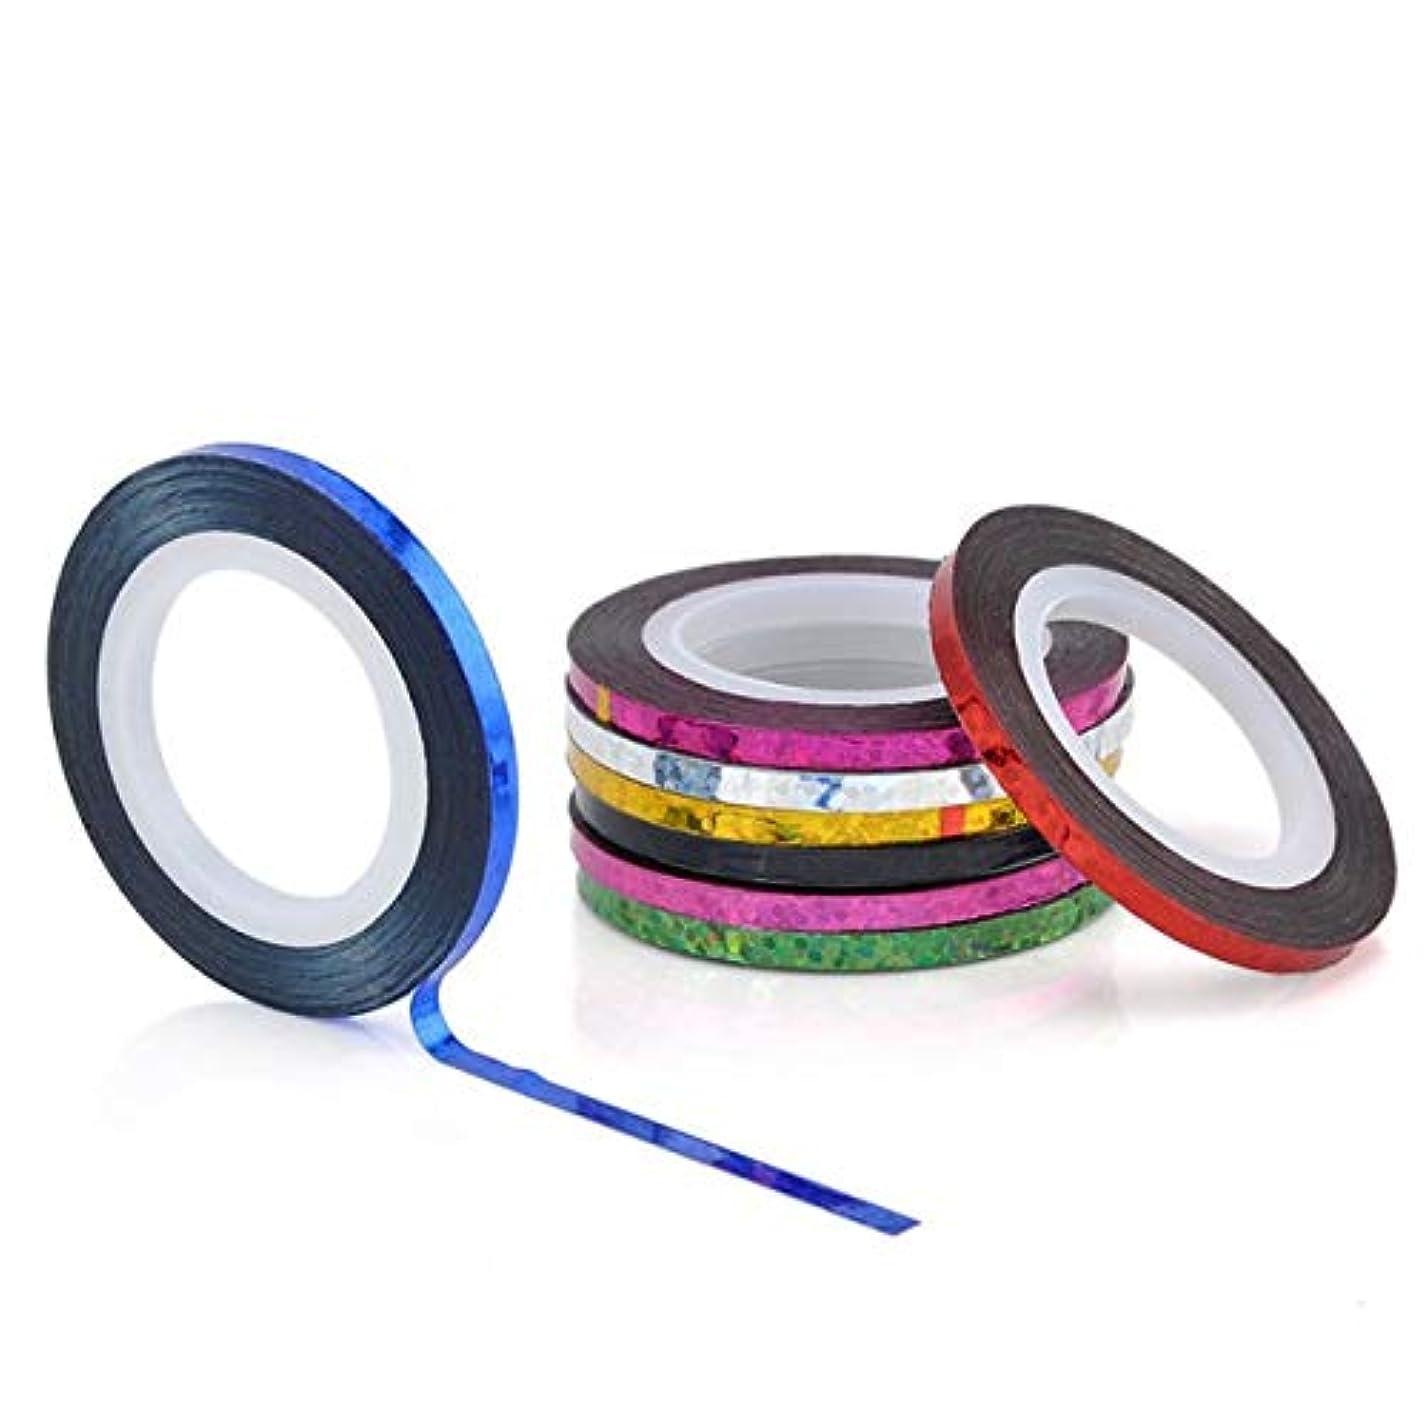 損失首相受信サリーの店 ネイルジュエリーステッカーを使用してネイルテープステッカー(None 8 color random 2mm)